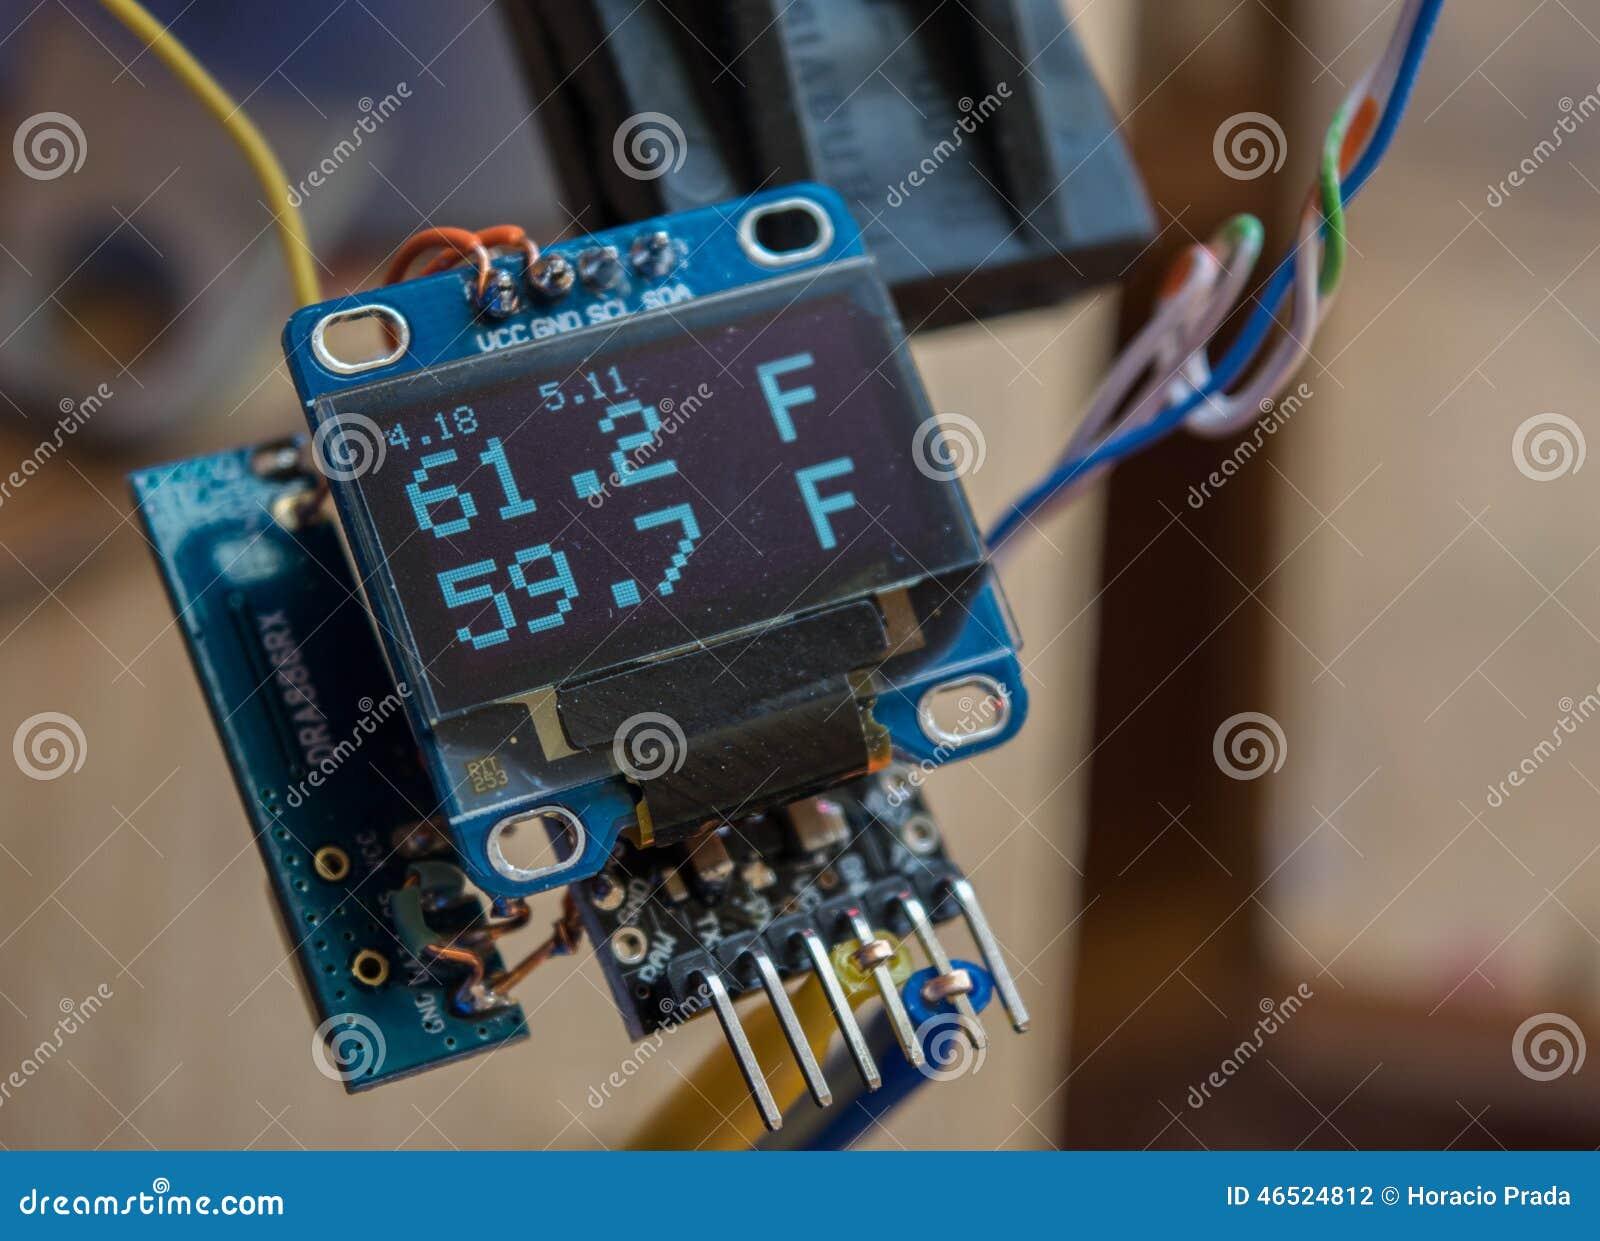 OLED Themometer DIY Stock Photo Image 46524812